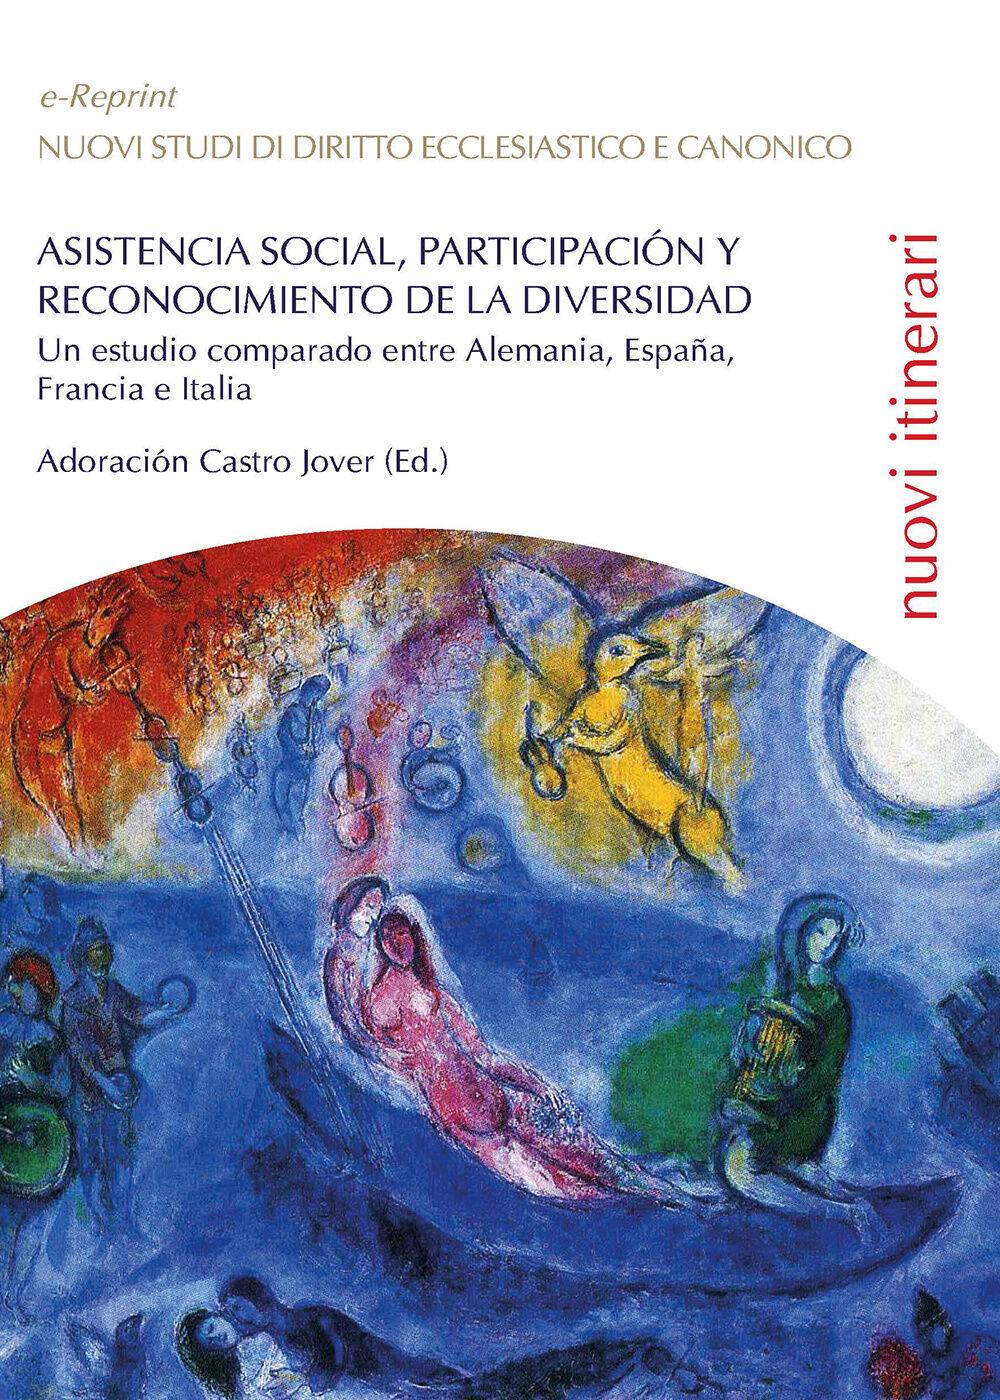 Asistencia social, participacion y reconocimiento de la diversidad: un estudio comparado entre Alemania, España, Francia e Italia